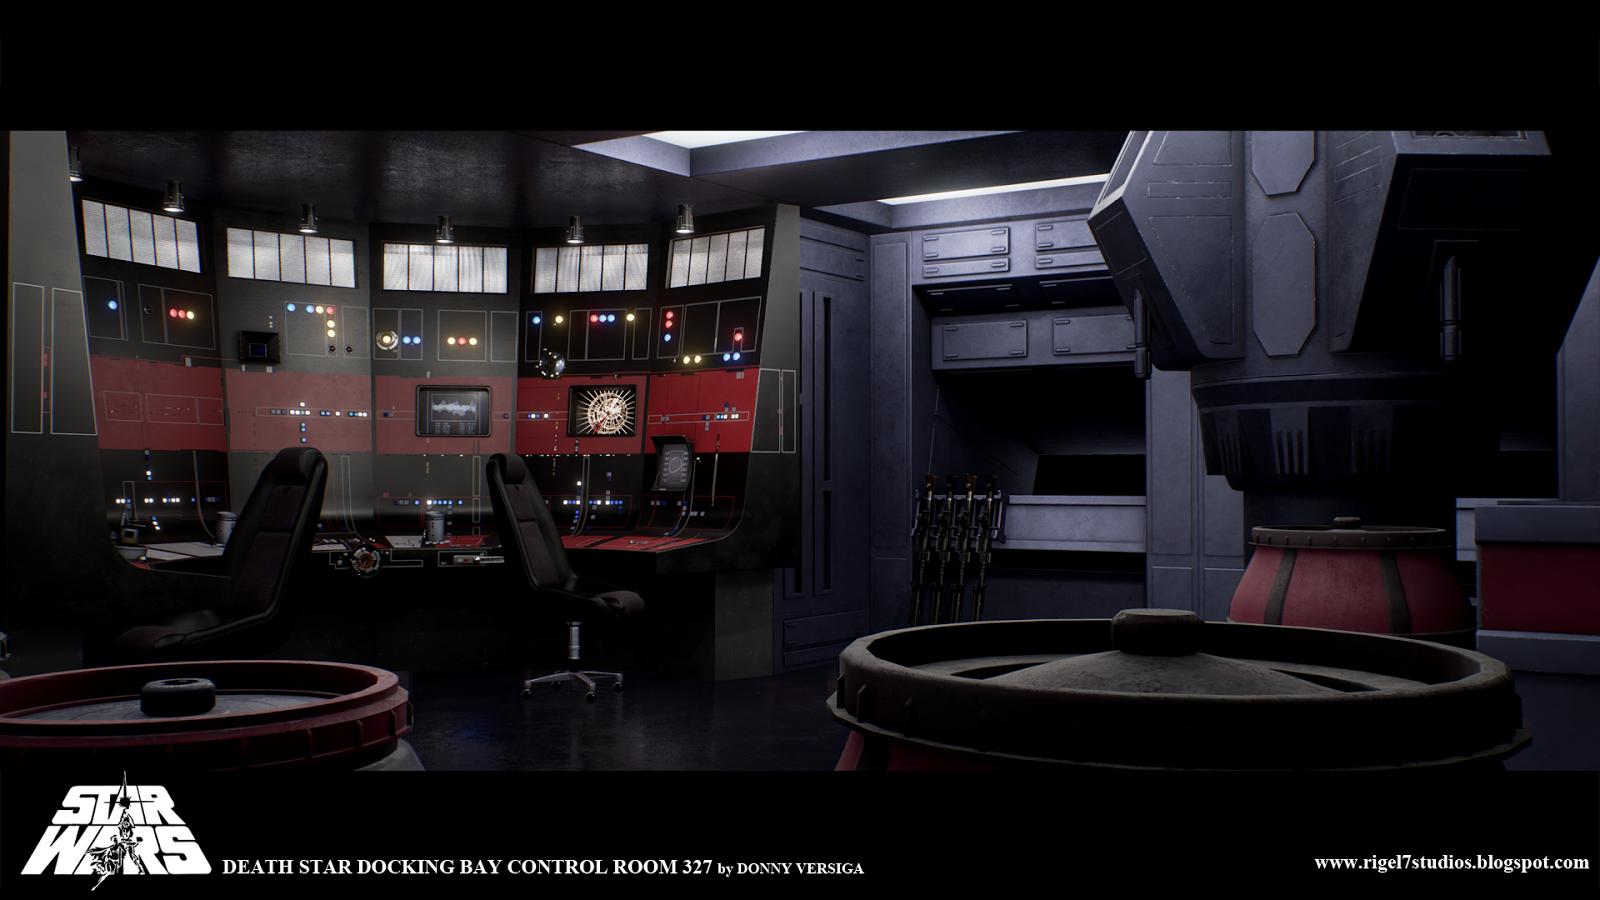 rigel vii death star docking bay control room 327